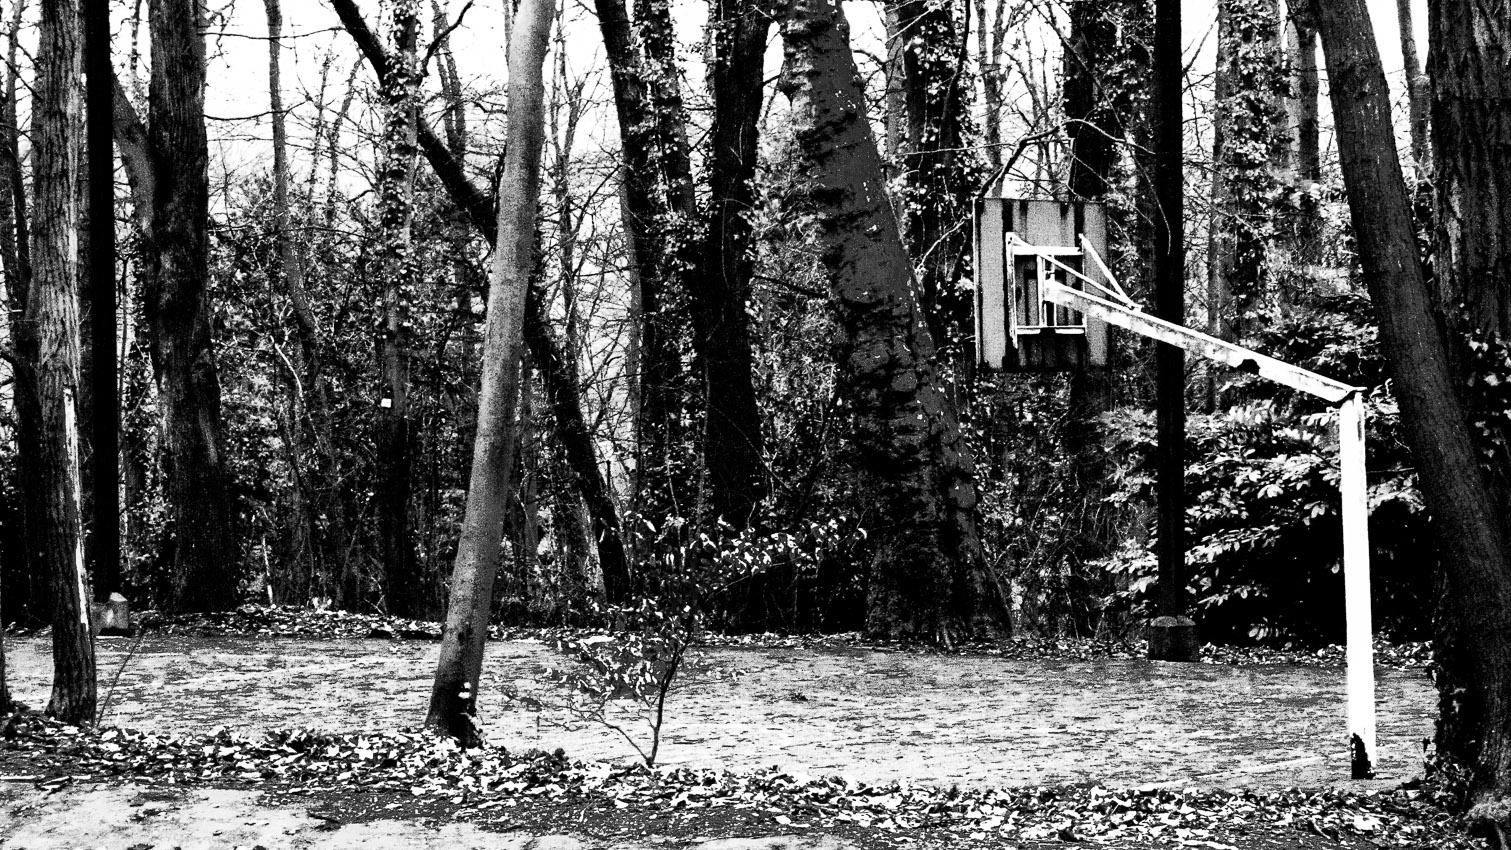 02-parc-foret-location-decors-film-cinema-photo-belgium-bruxelles